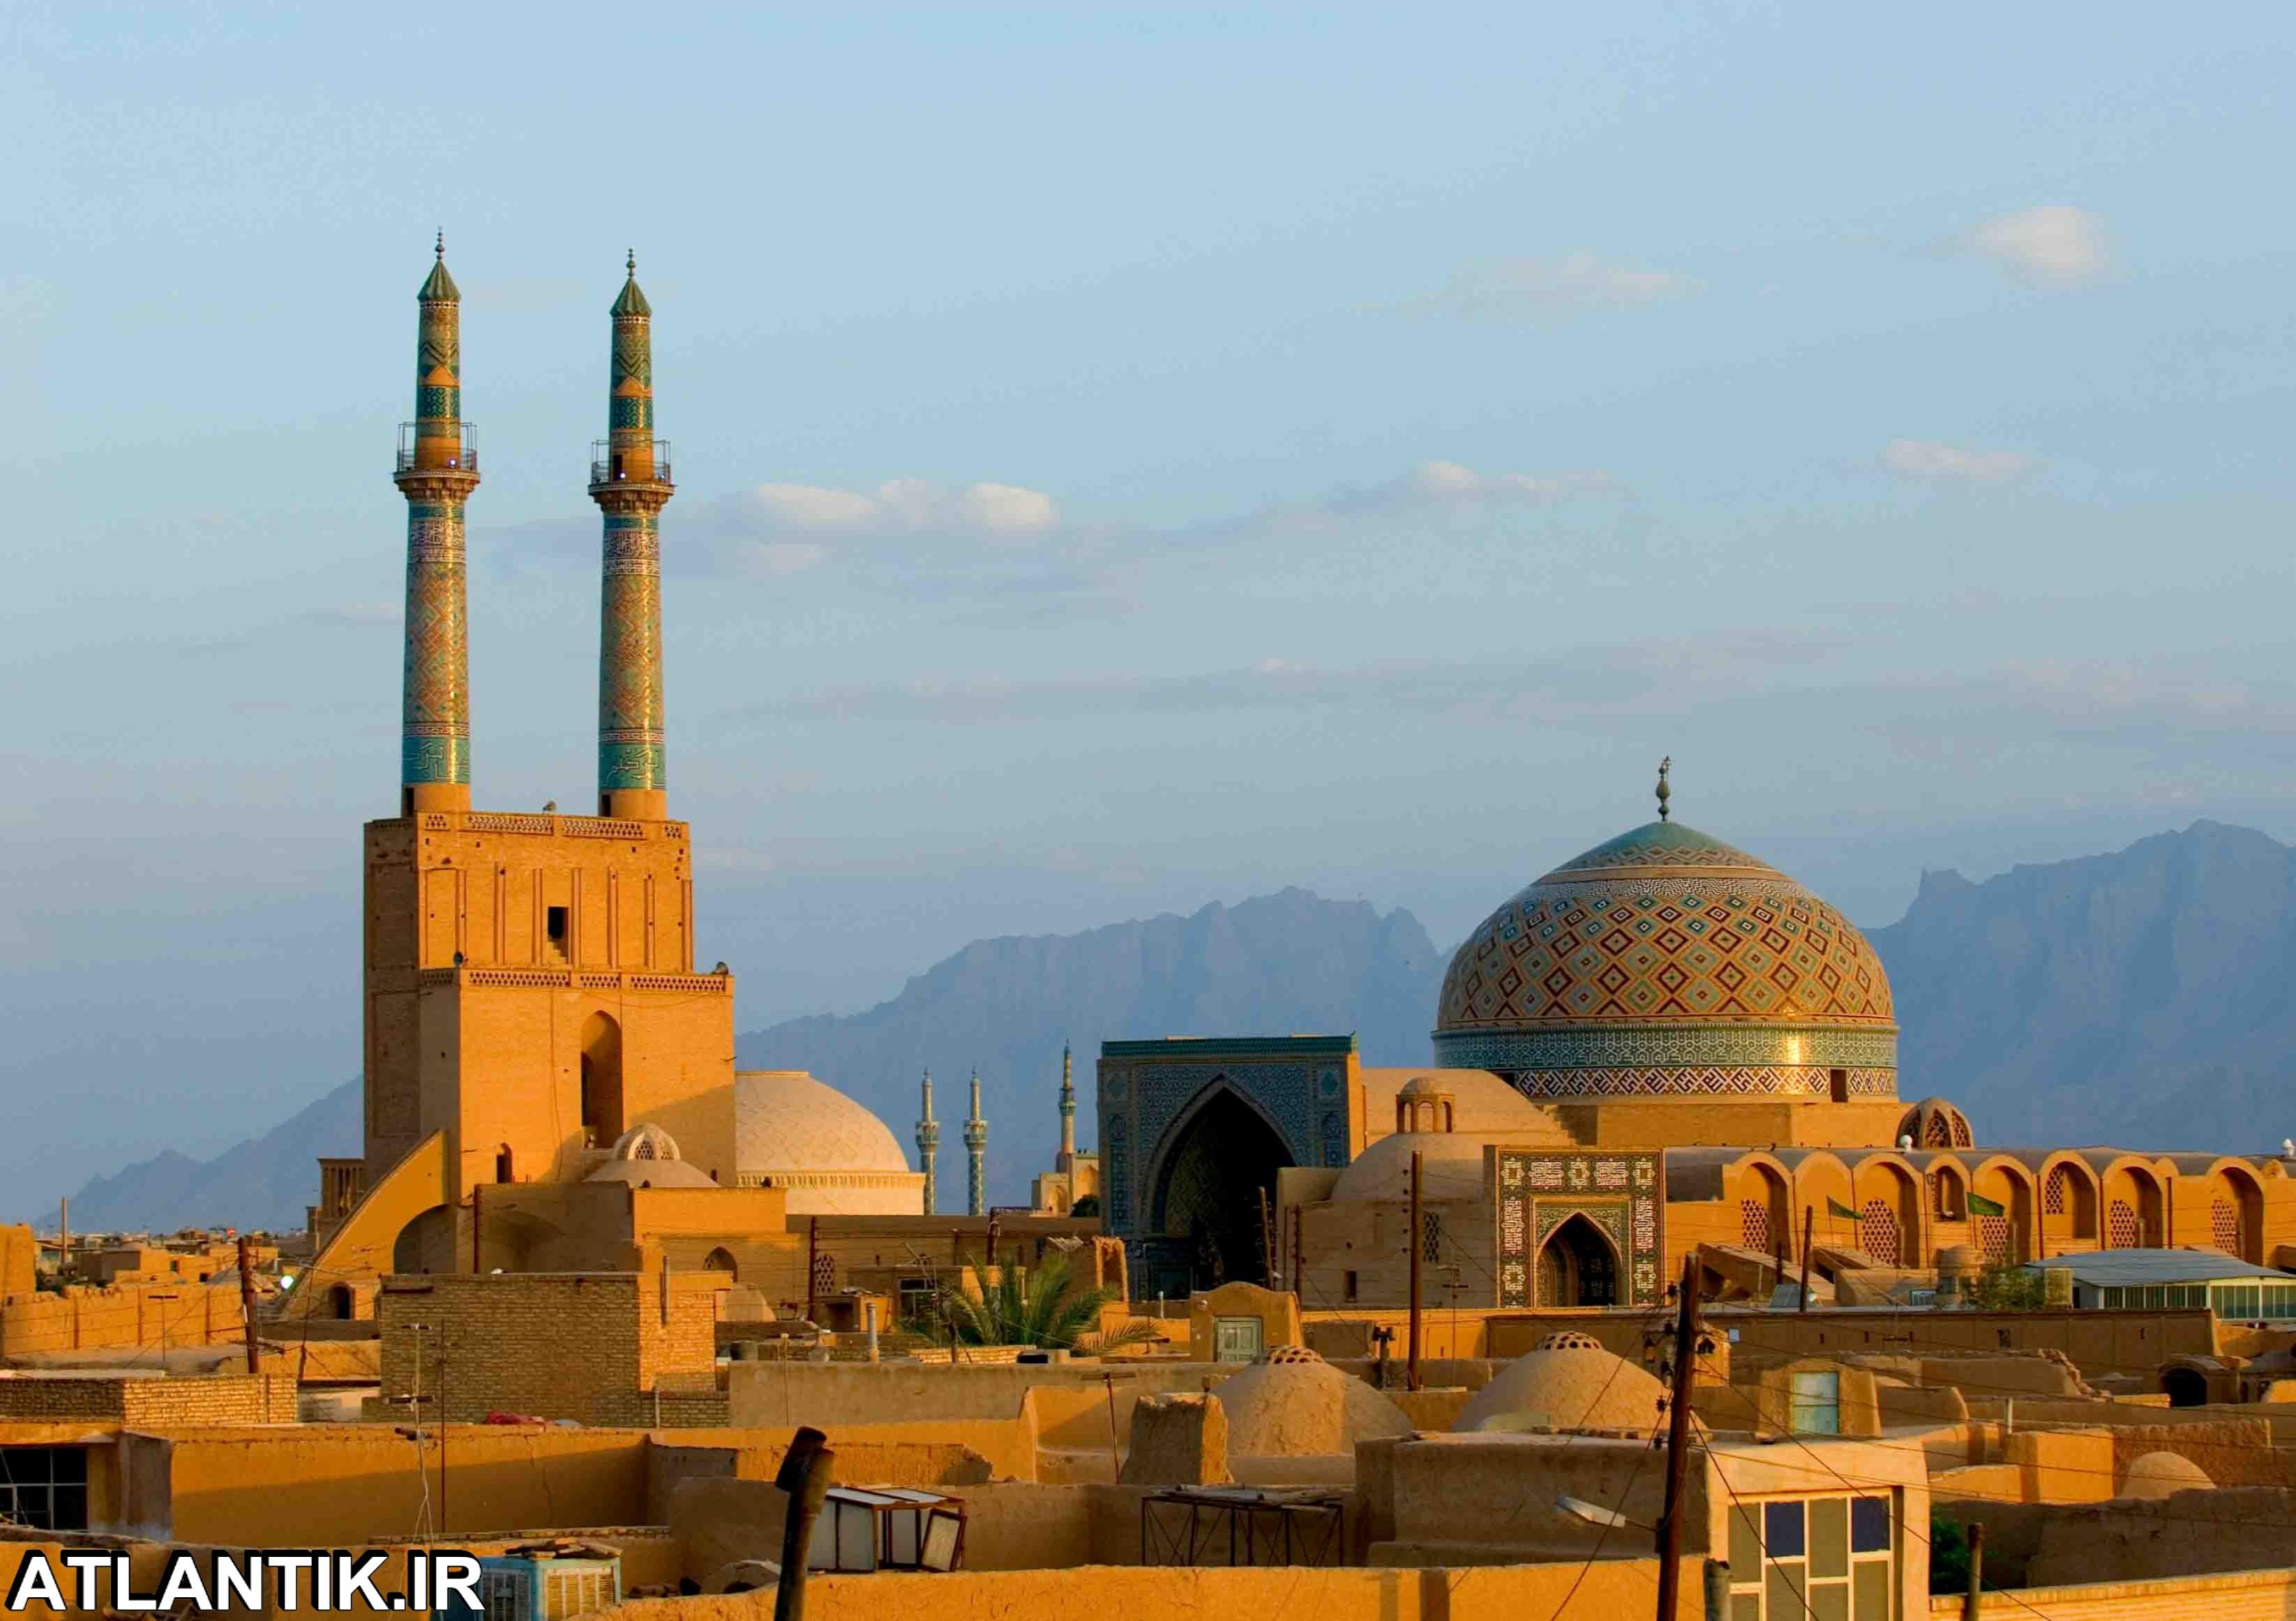 بافت تاریخی و مسجد جامع شهر یرد